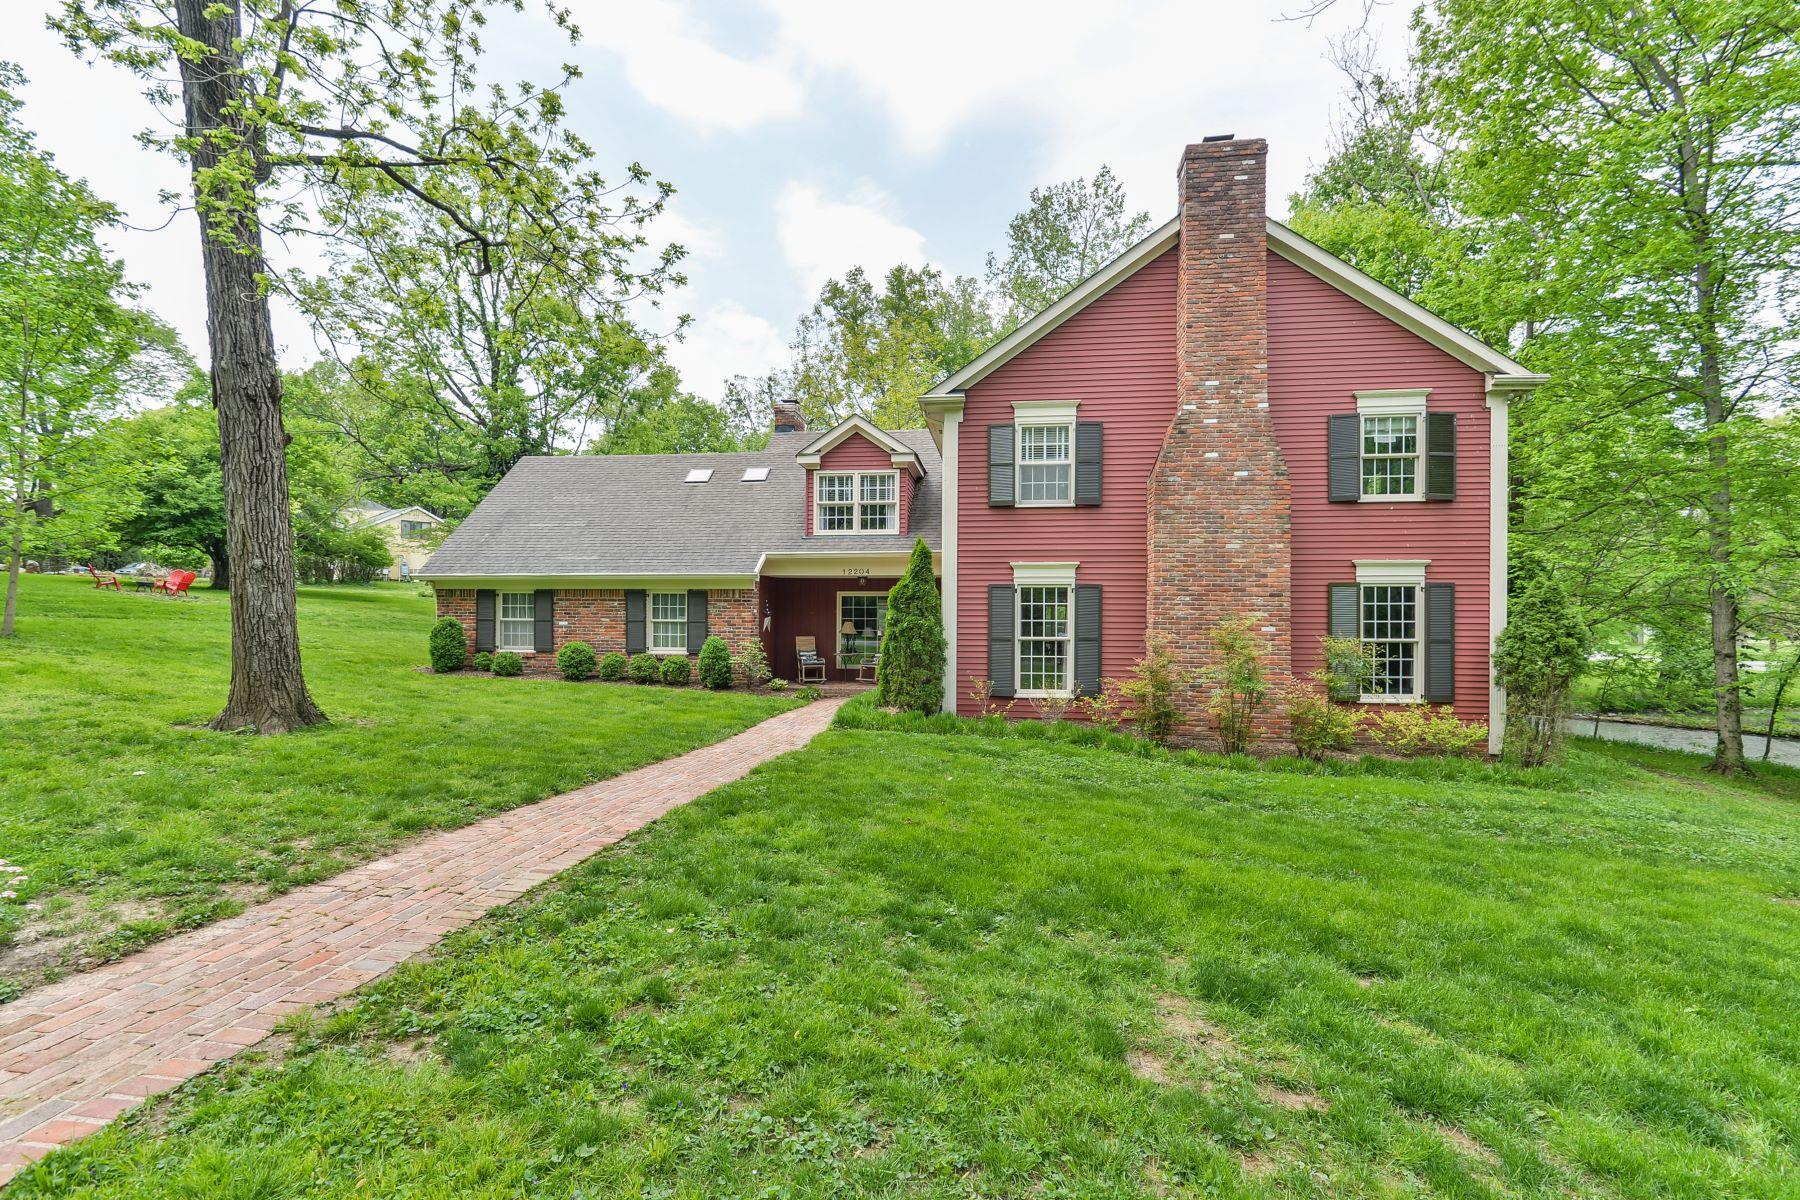 Частный односемейный дом для того Продажа на 12204 E Osage Road Anchorage, Кентукки 40223 Соединенные Штаты